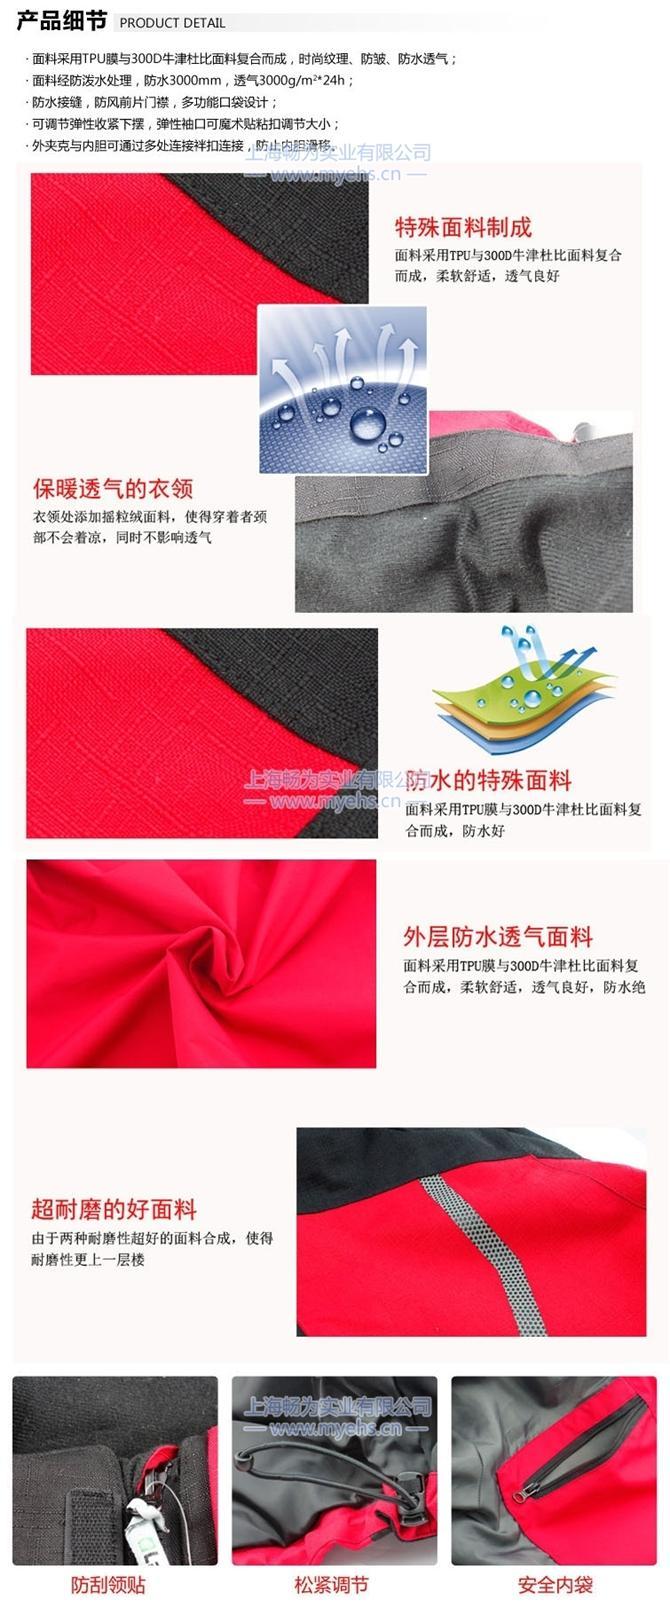 雷克兰853050 BR10户外防寒服 产品细节展示